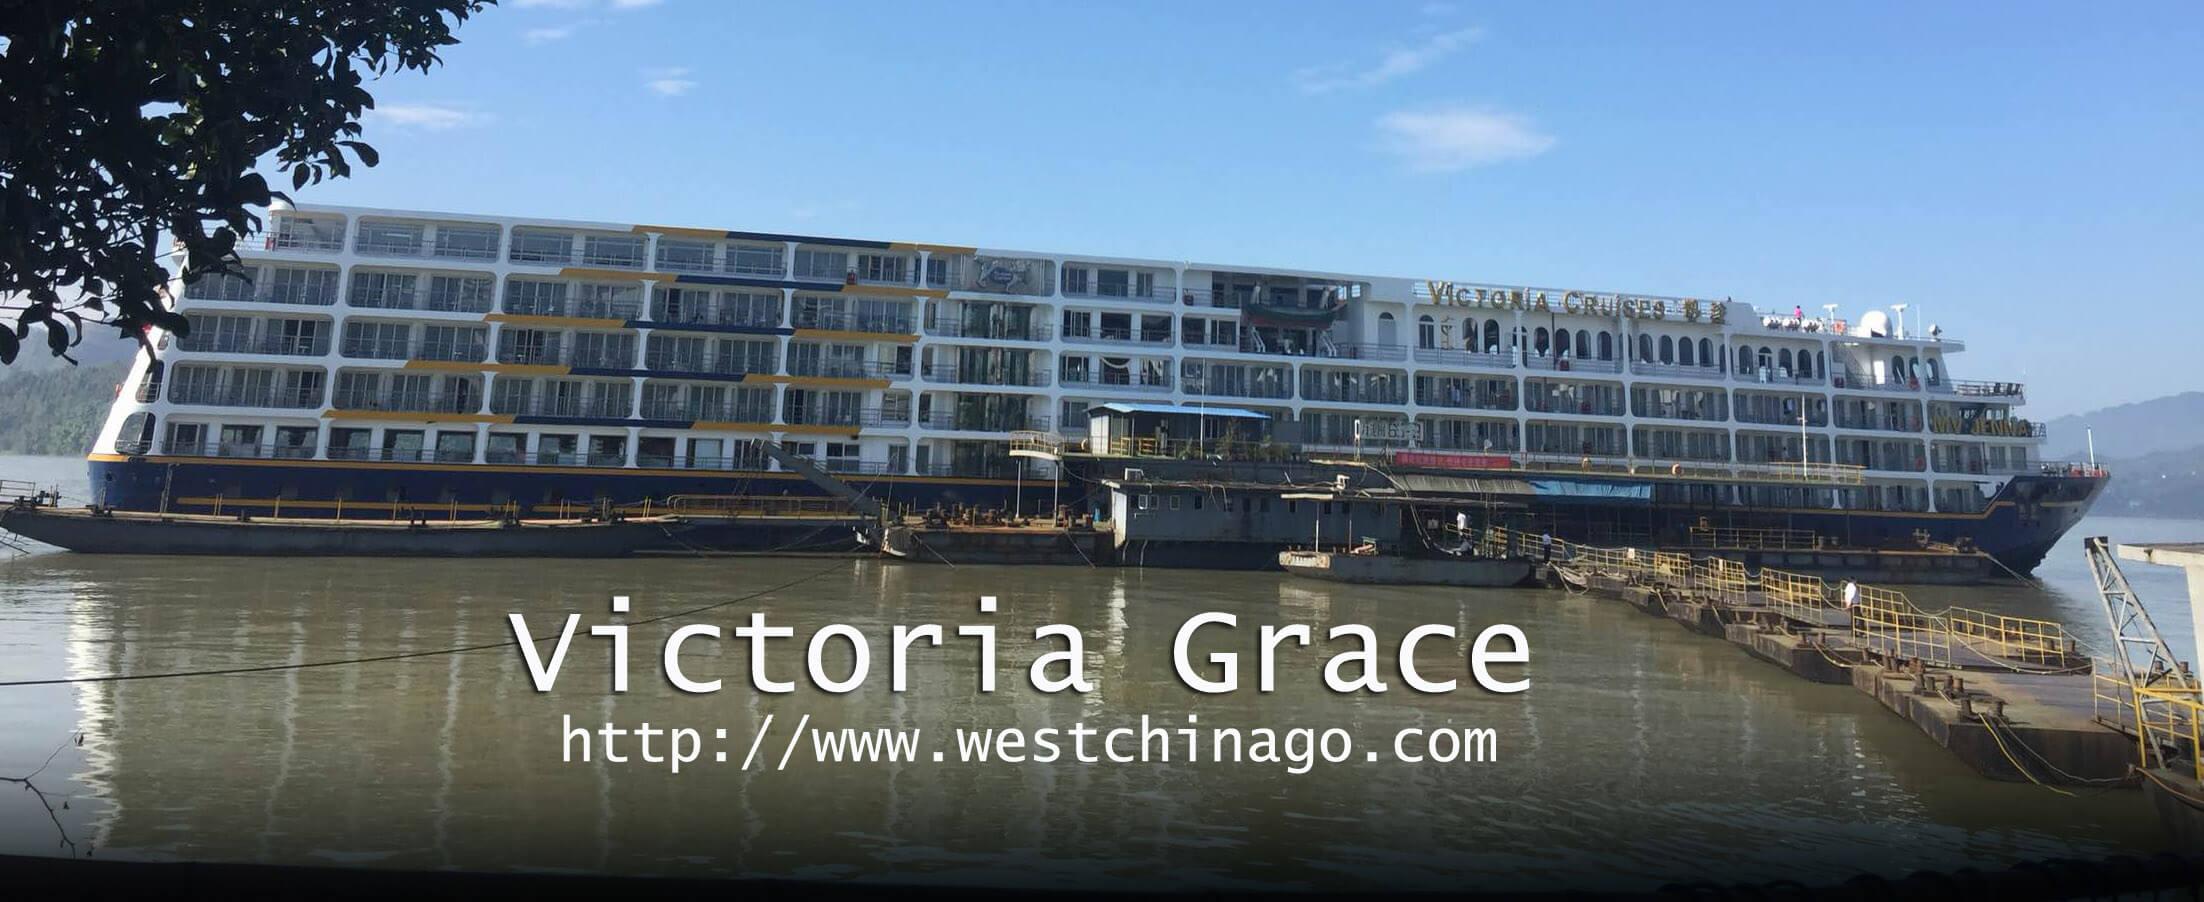 Victoria Grace